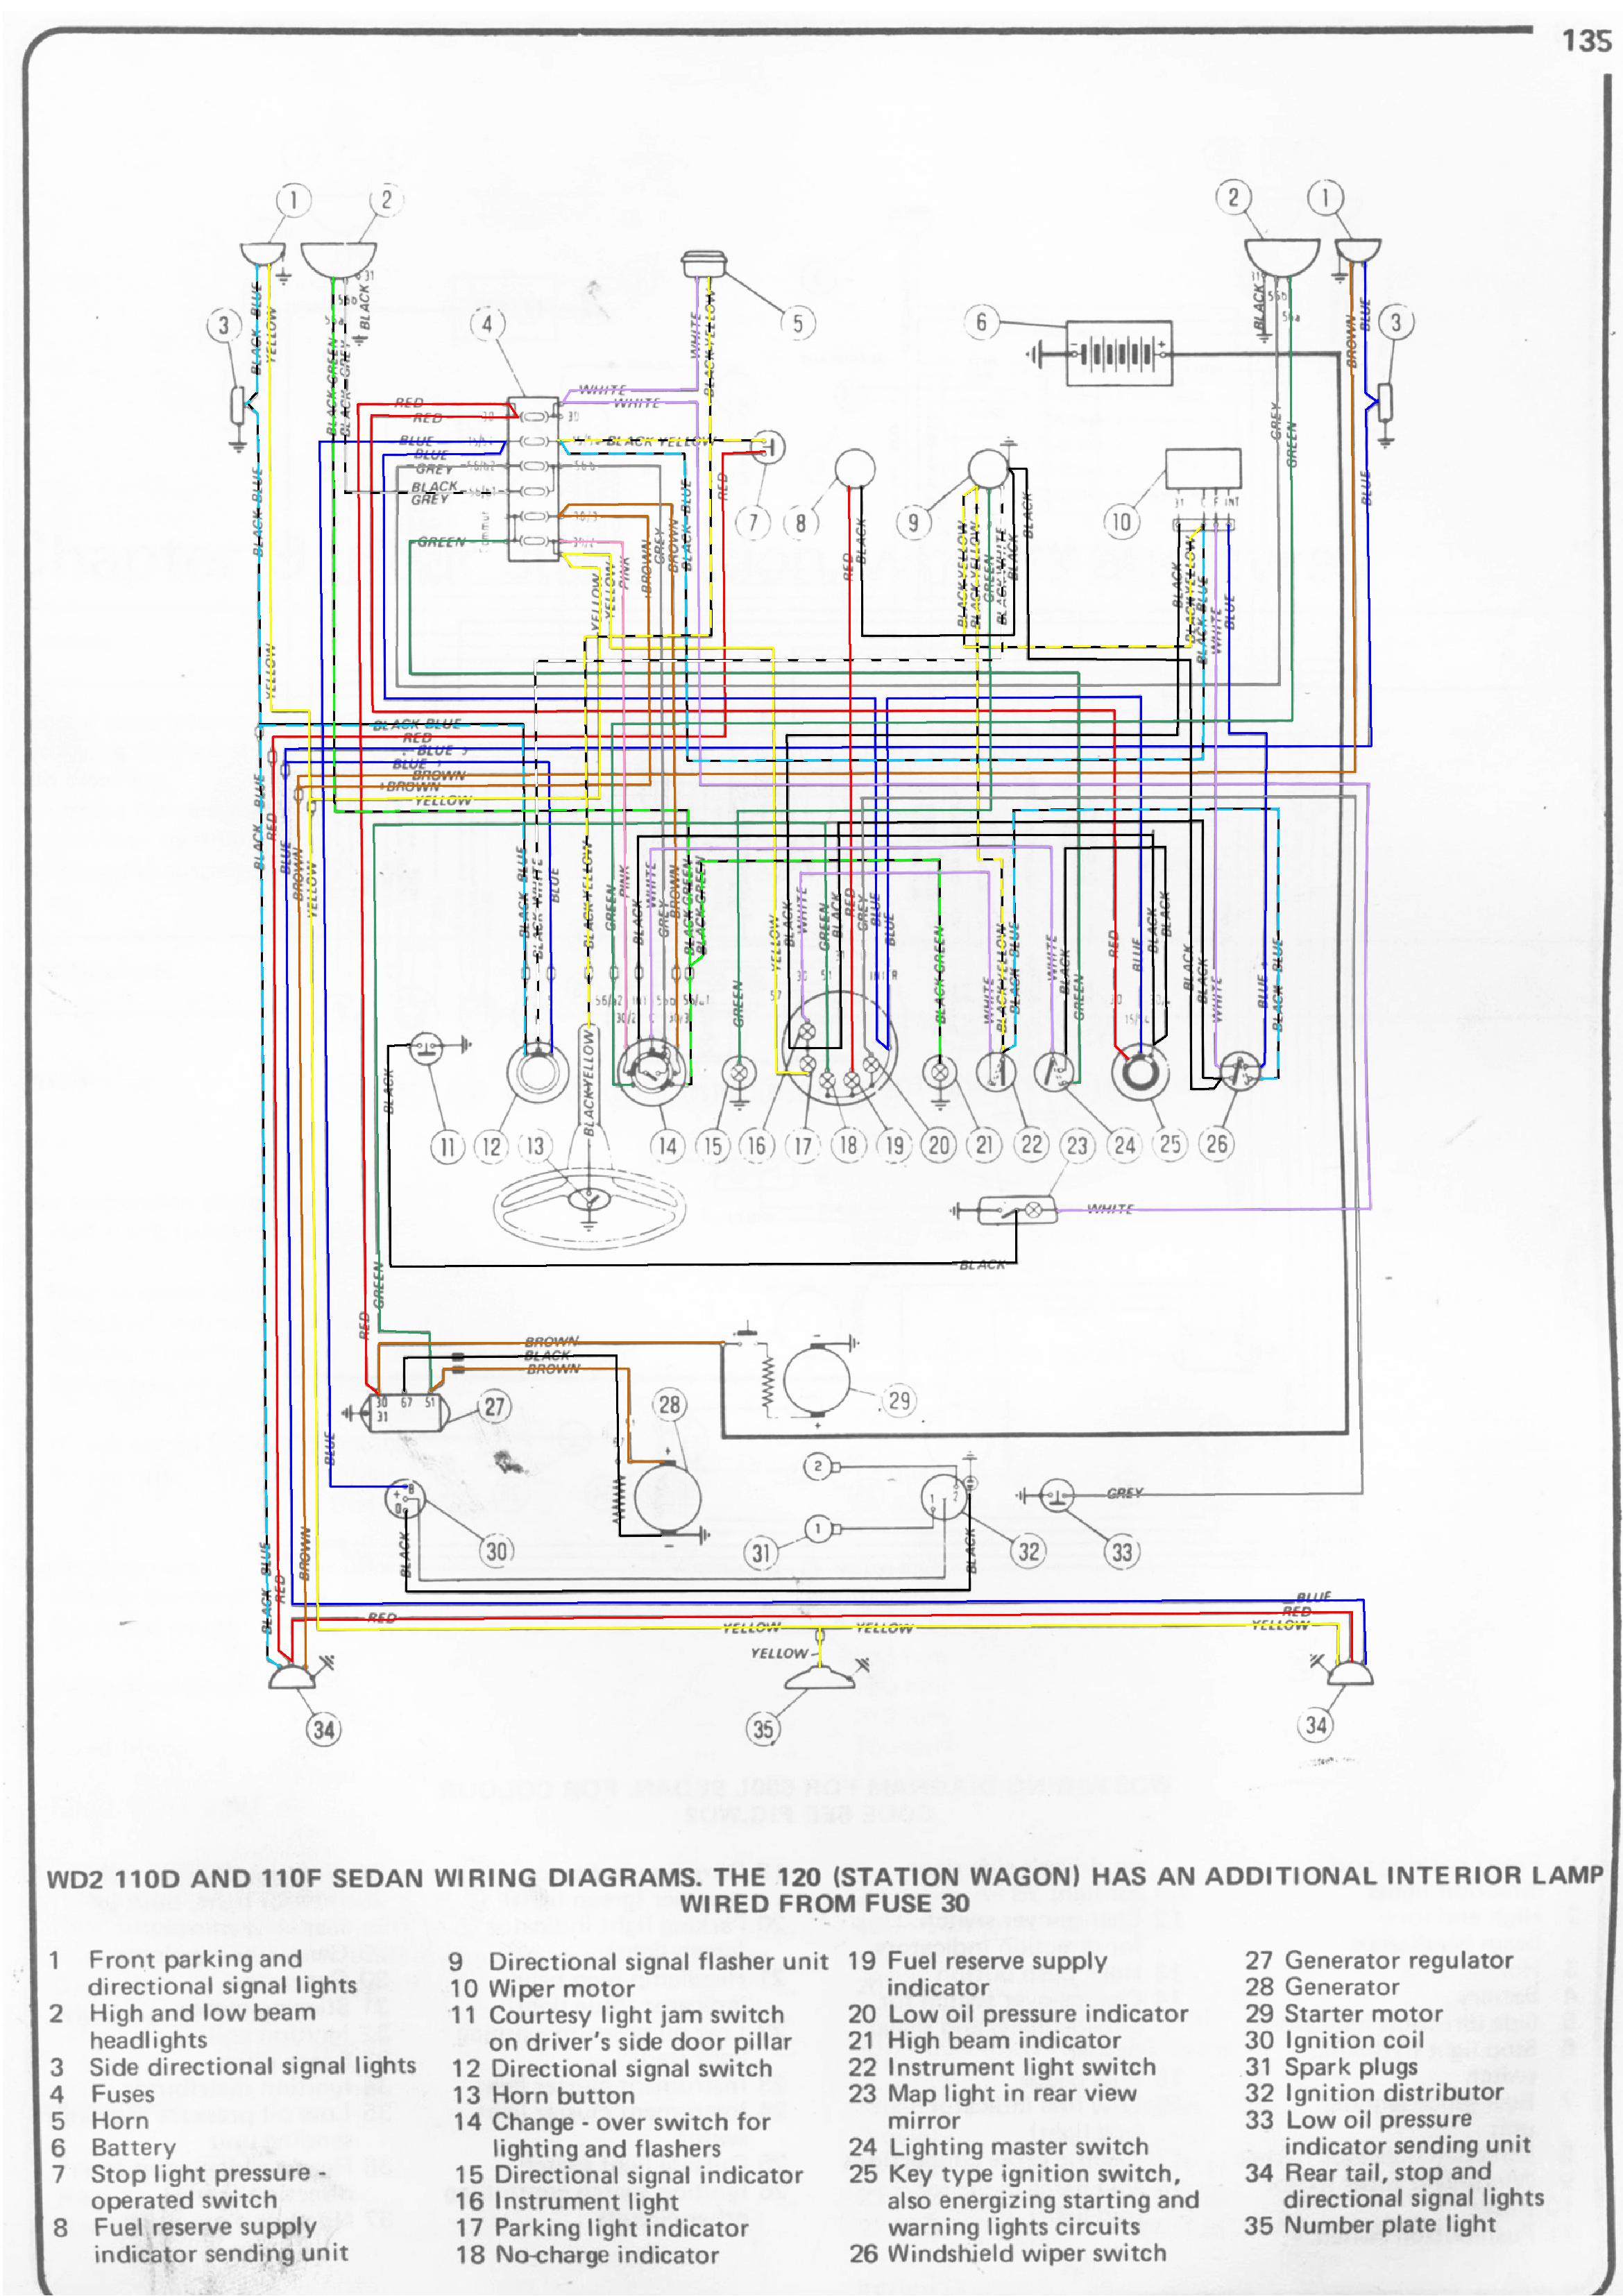 fiat 500l wiring harness fiat 500 ferrari edition wiring 2012 fiat 500 wiring diagram fiat 124 [ 2339 x 3309 Pixel ]